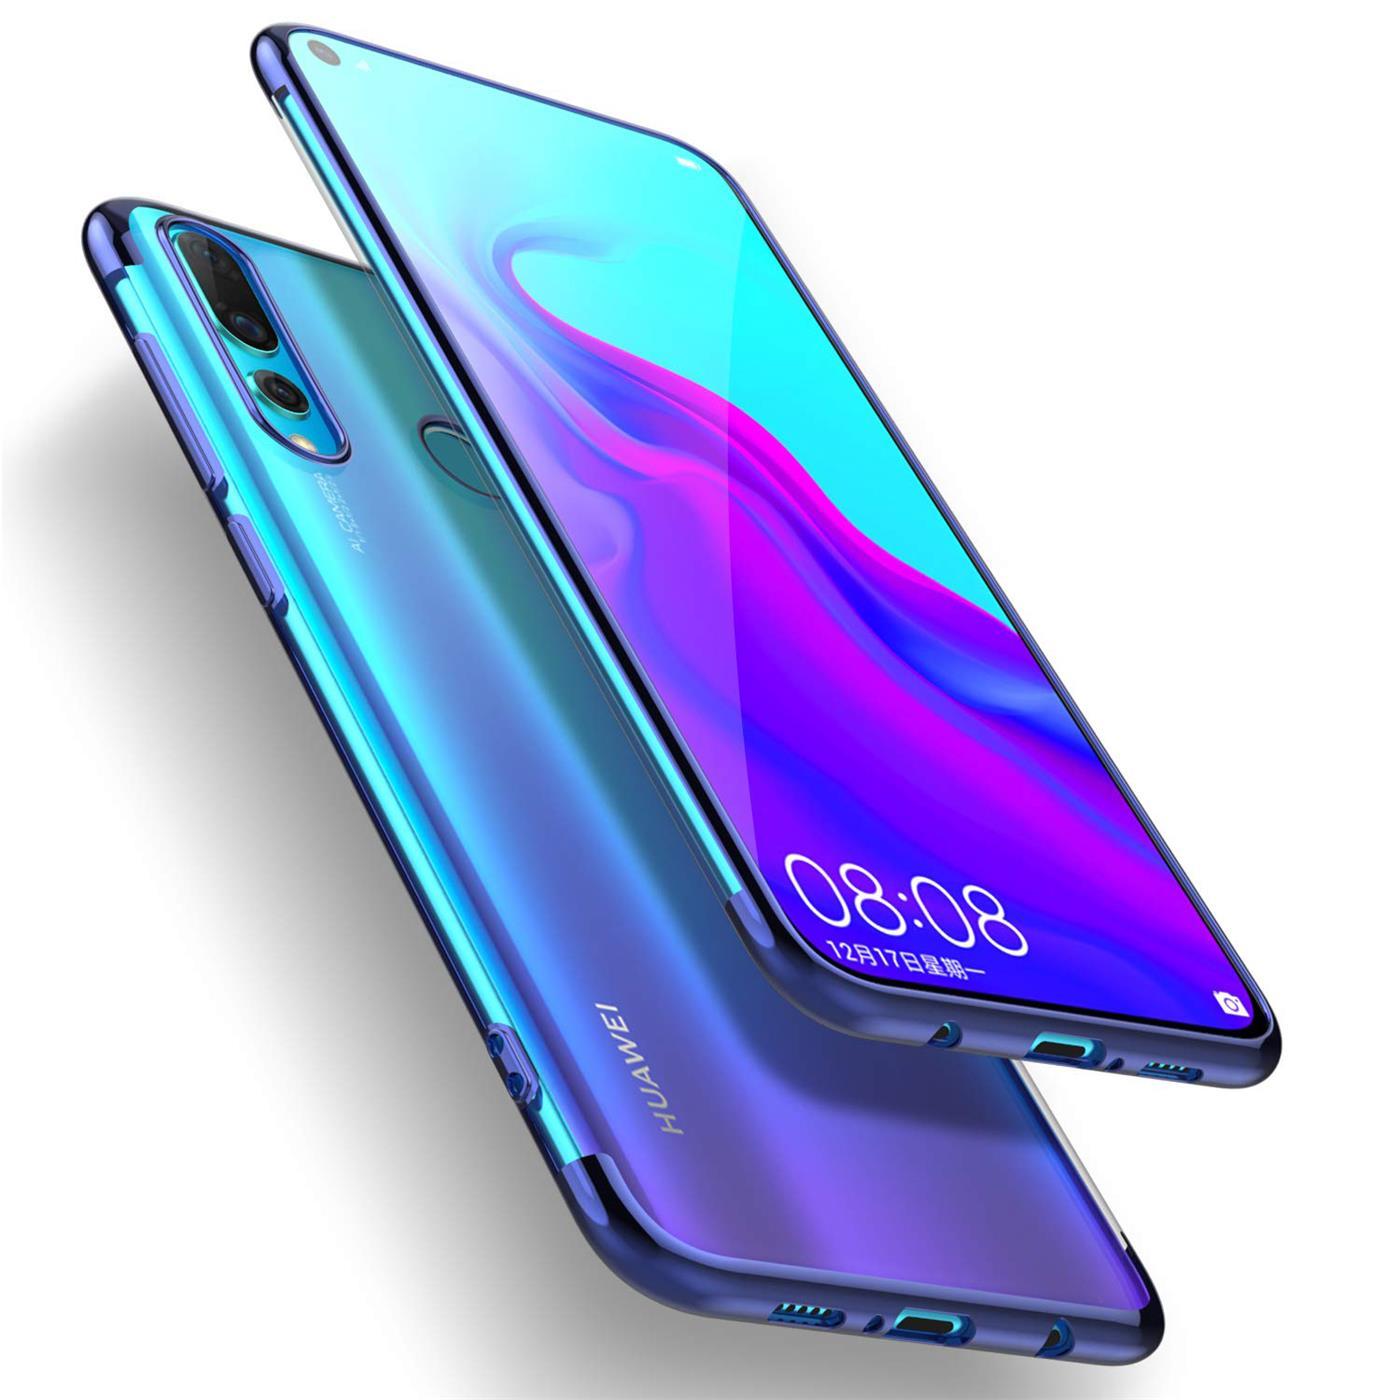 Schutzhuelle-Huawei-P30-P30-Lite-P30-Pro-Handy-Tasche-Slim-Cover-Case-Transparent Indexbild 19